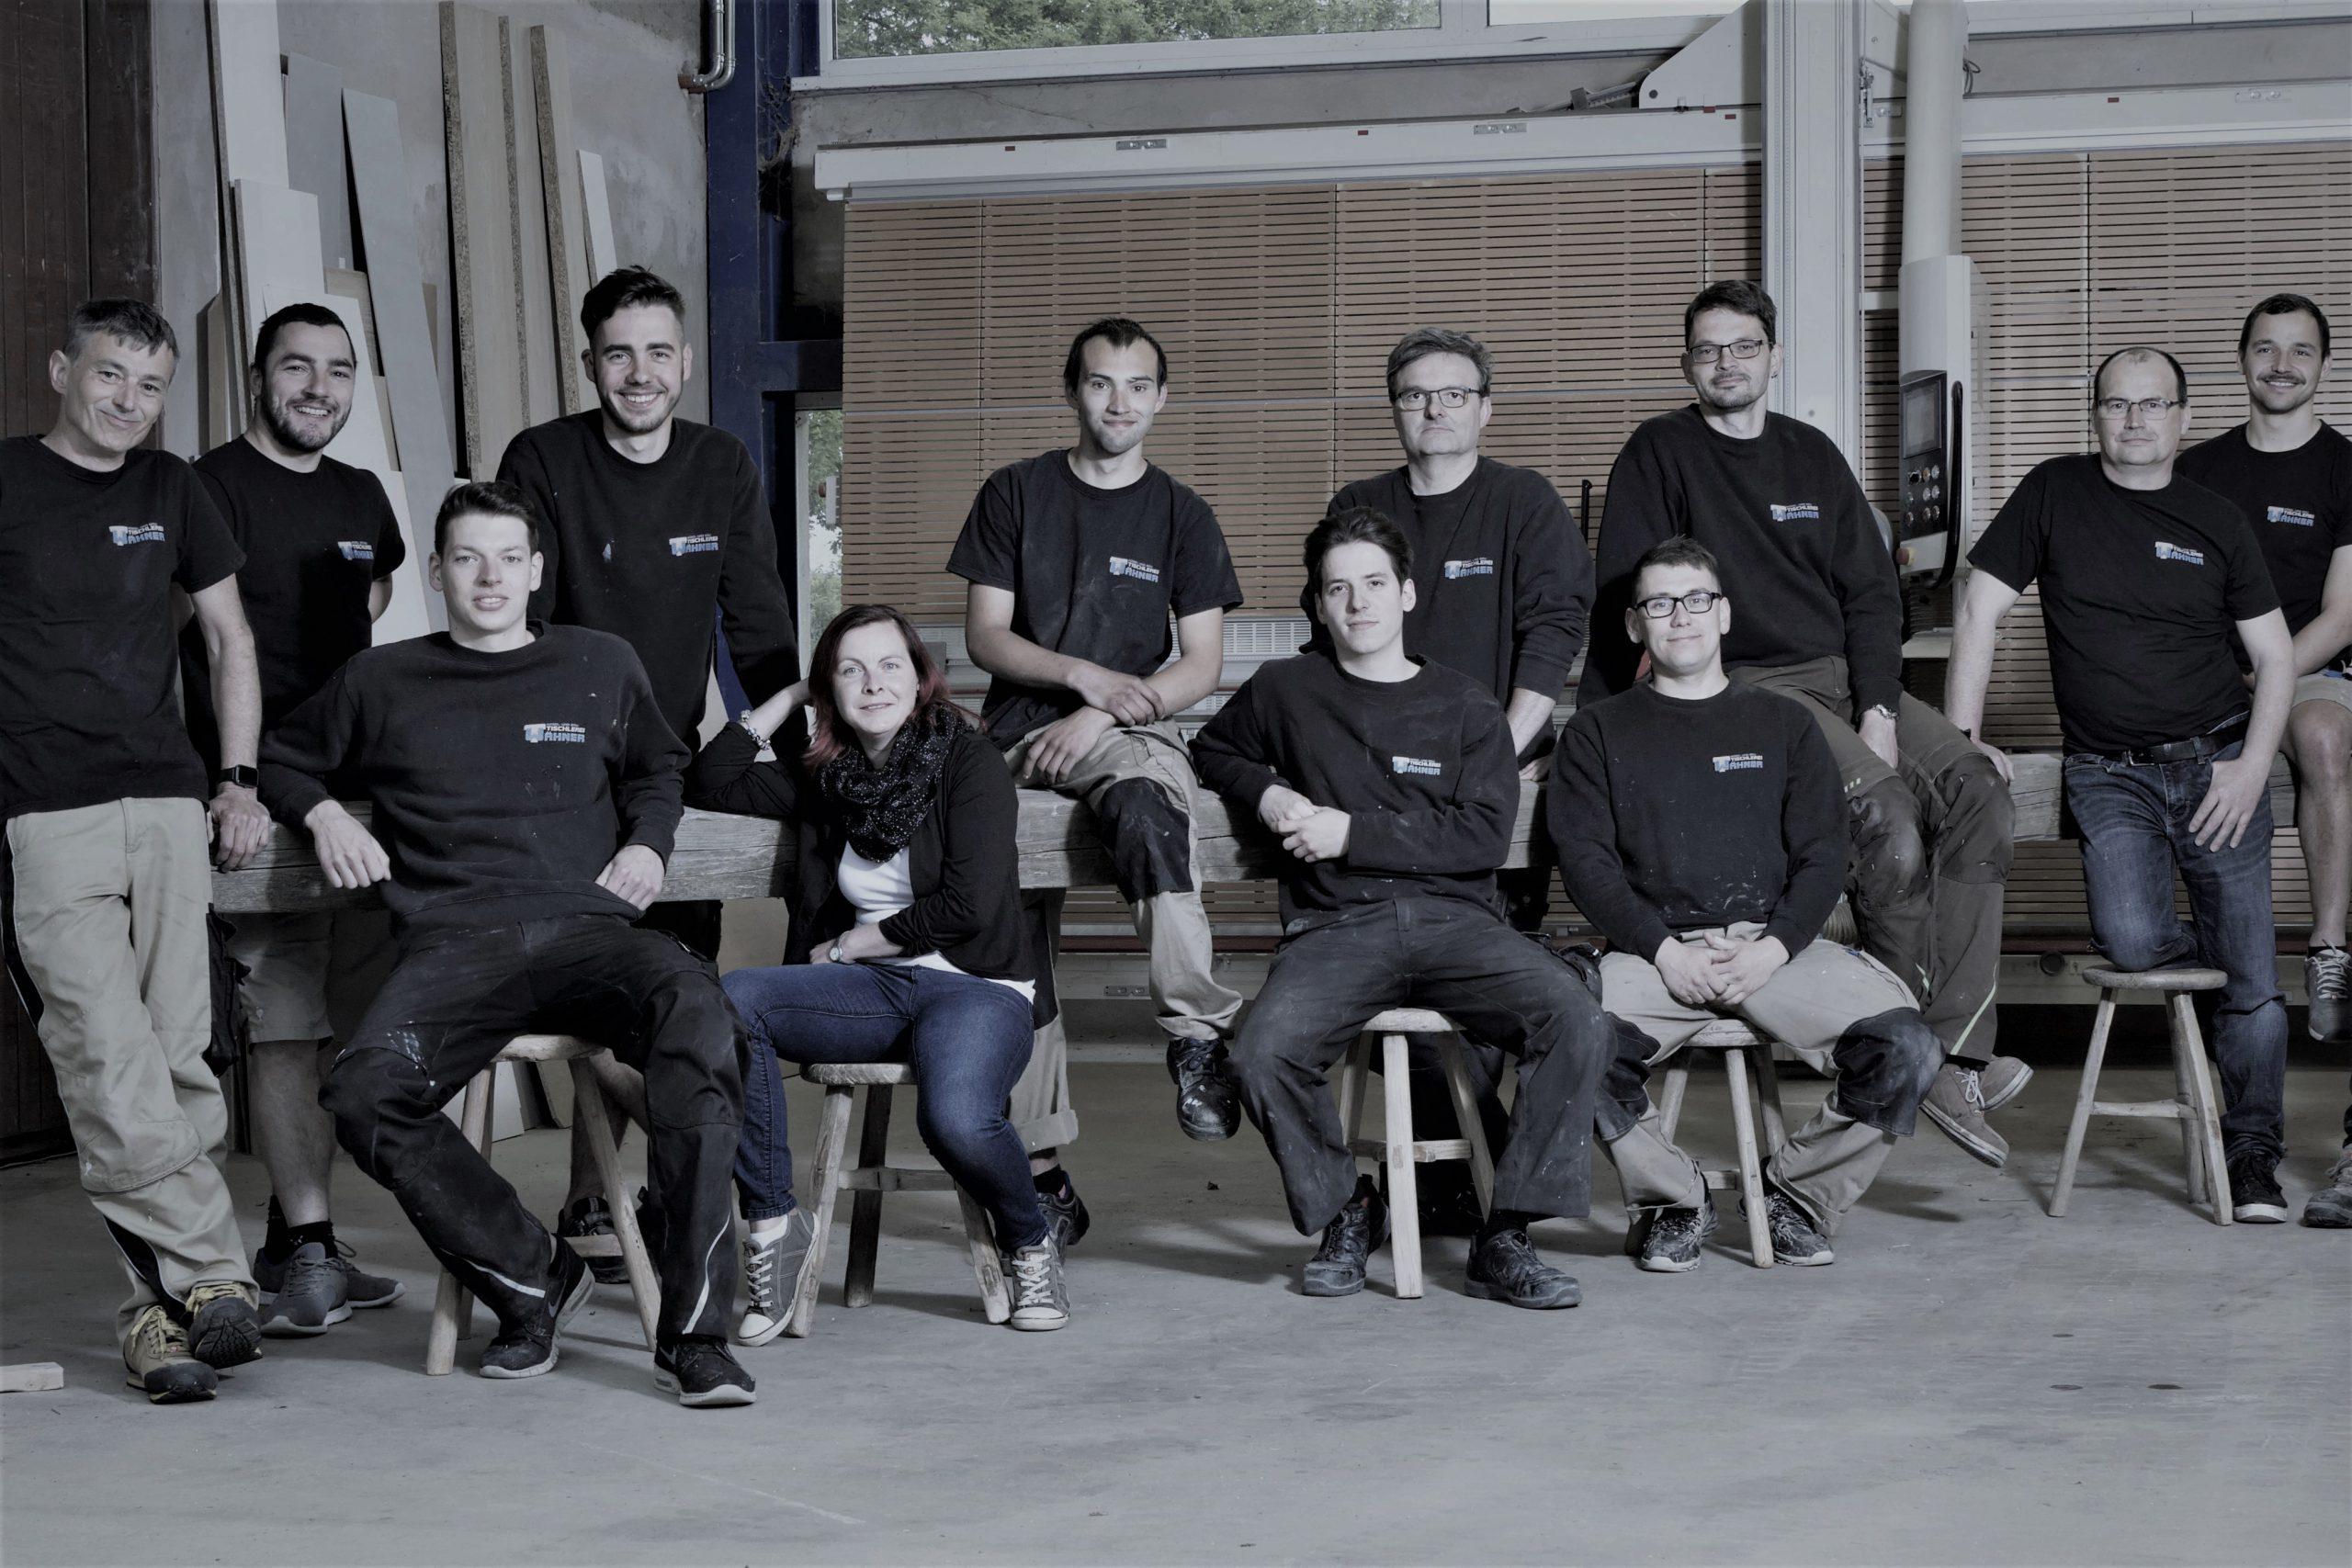 Team Tischlerei Wähner